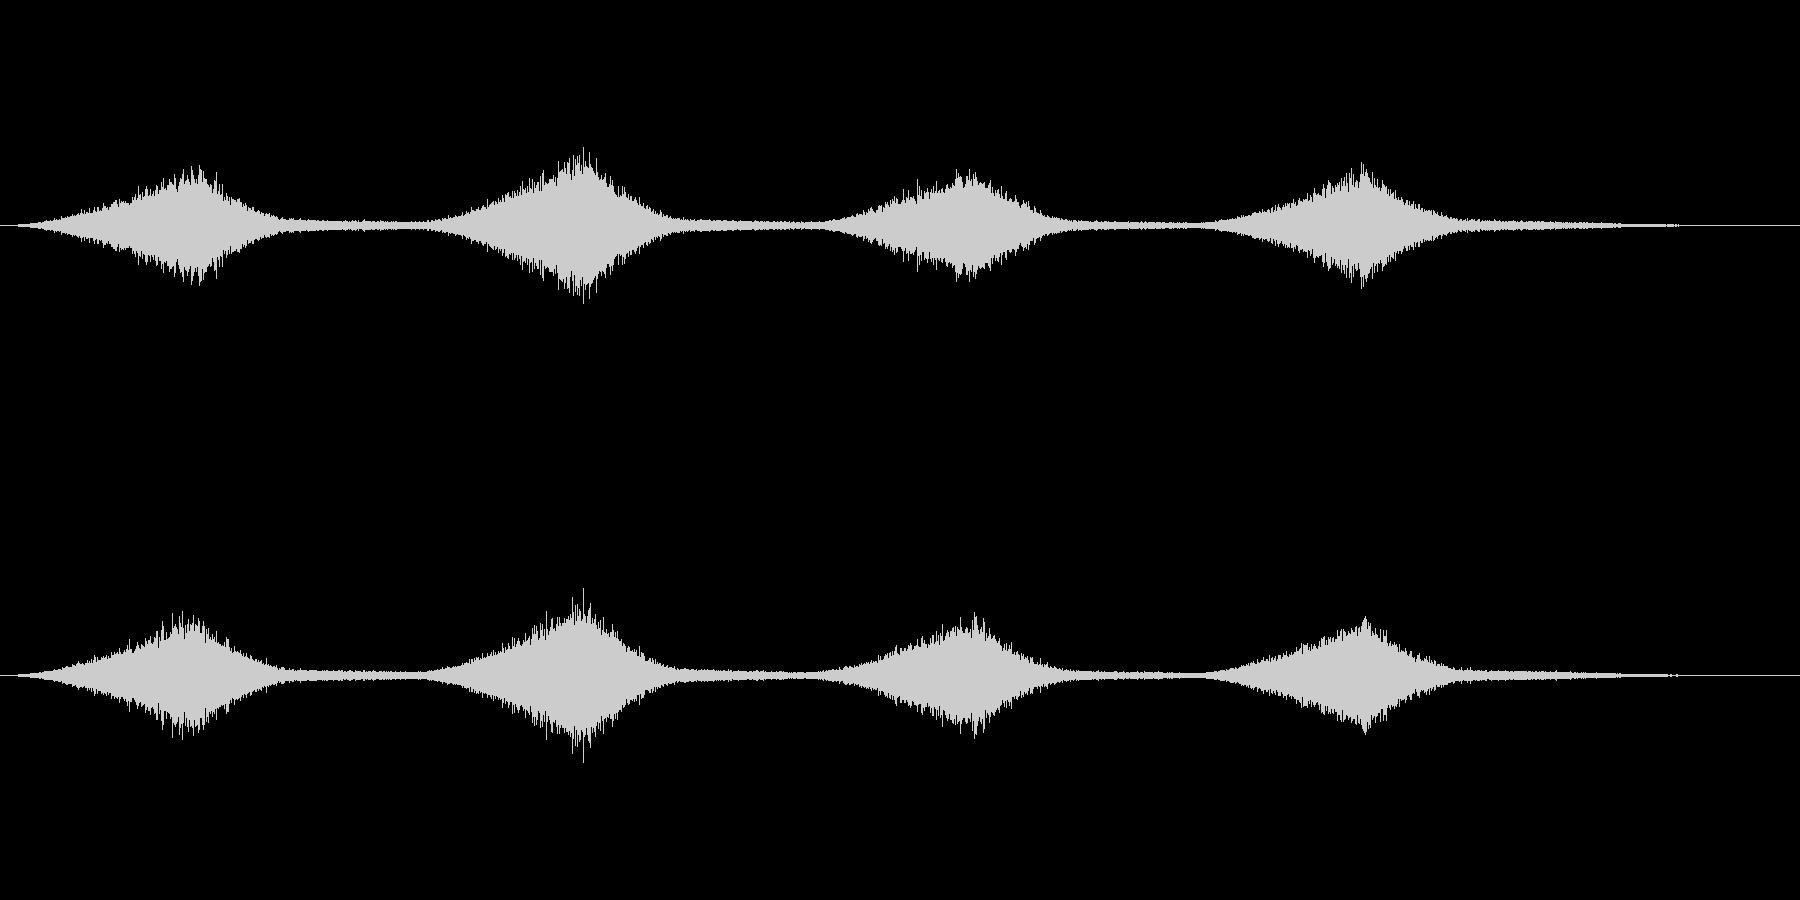 海のせせらぎの音(ザーン)の未再生の波形